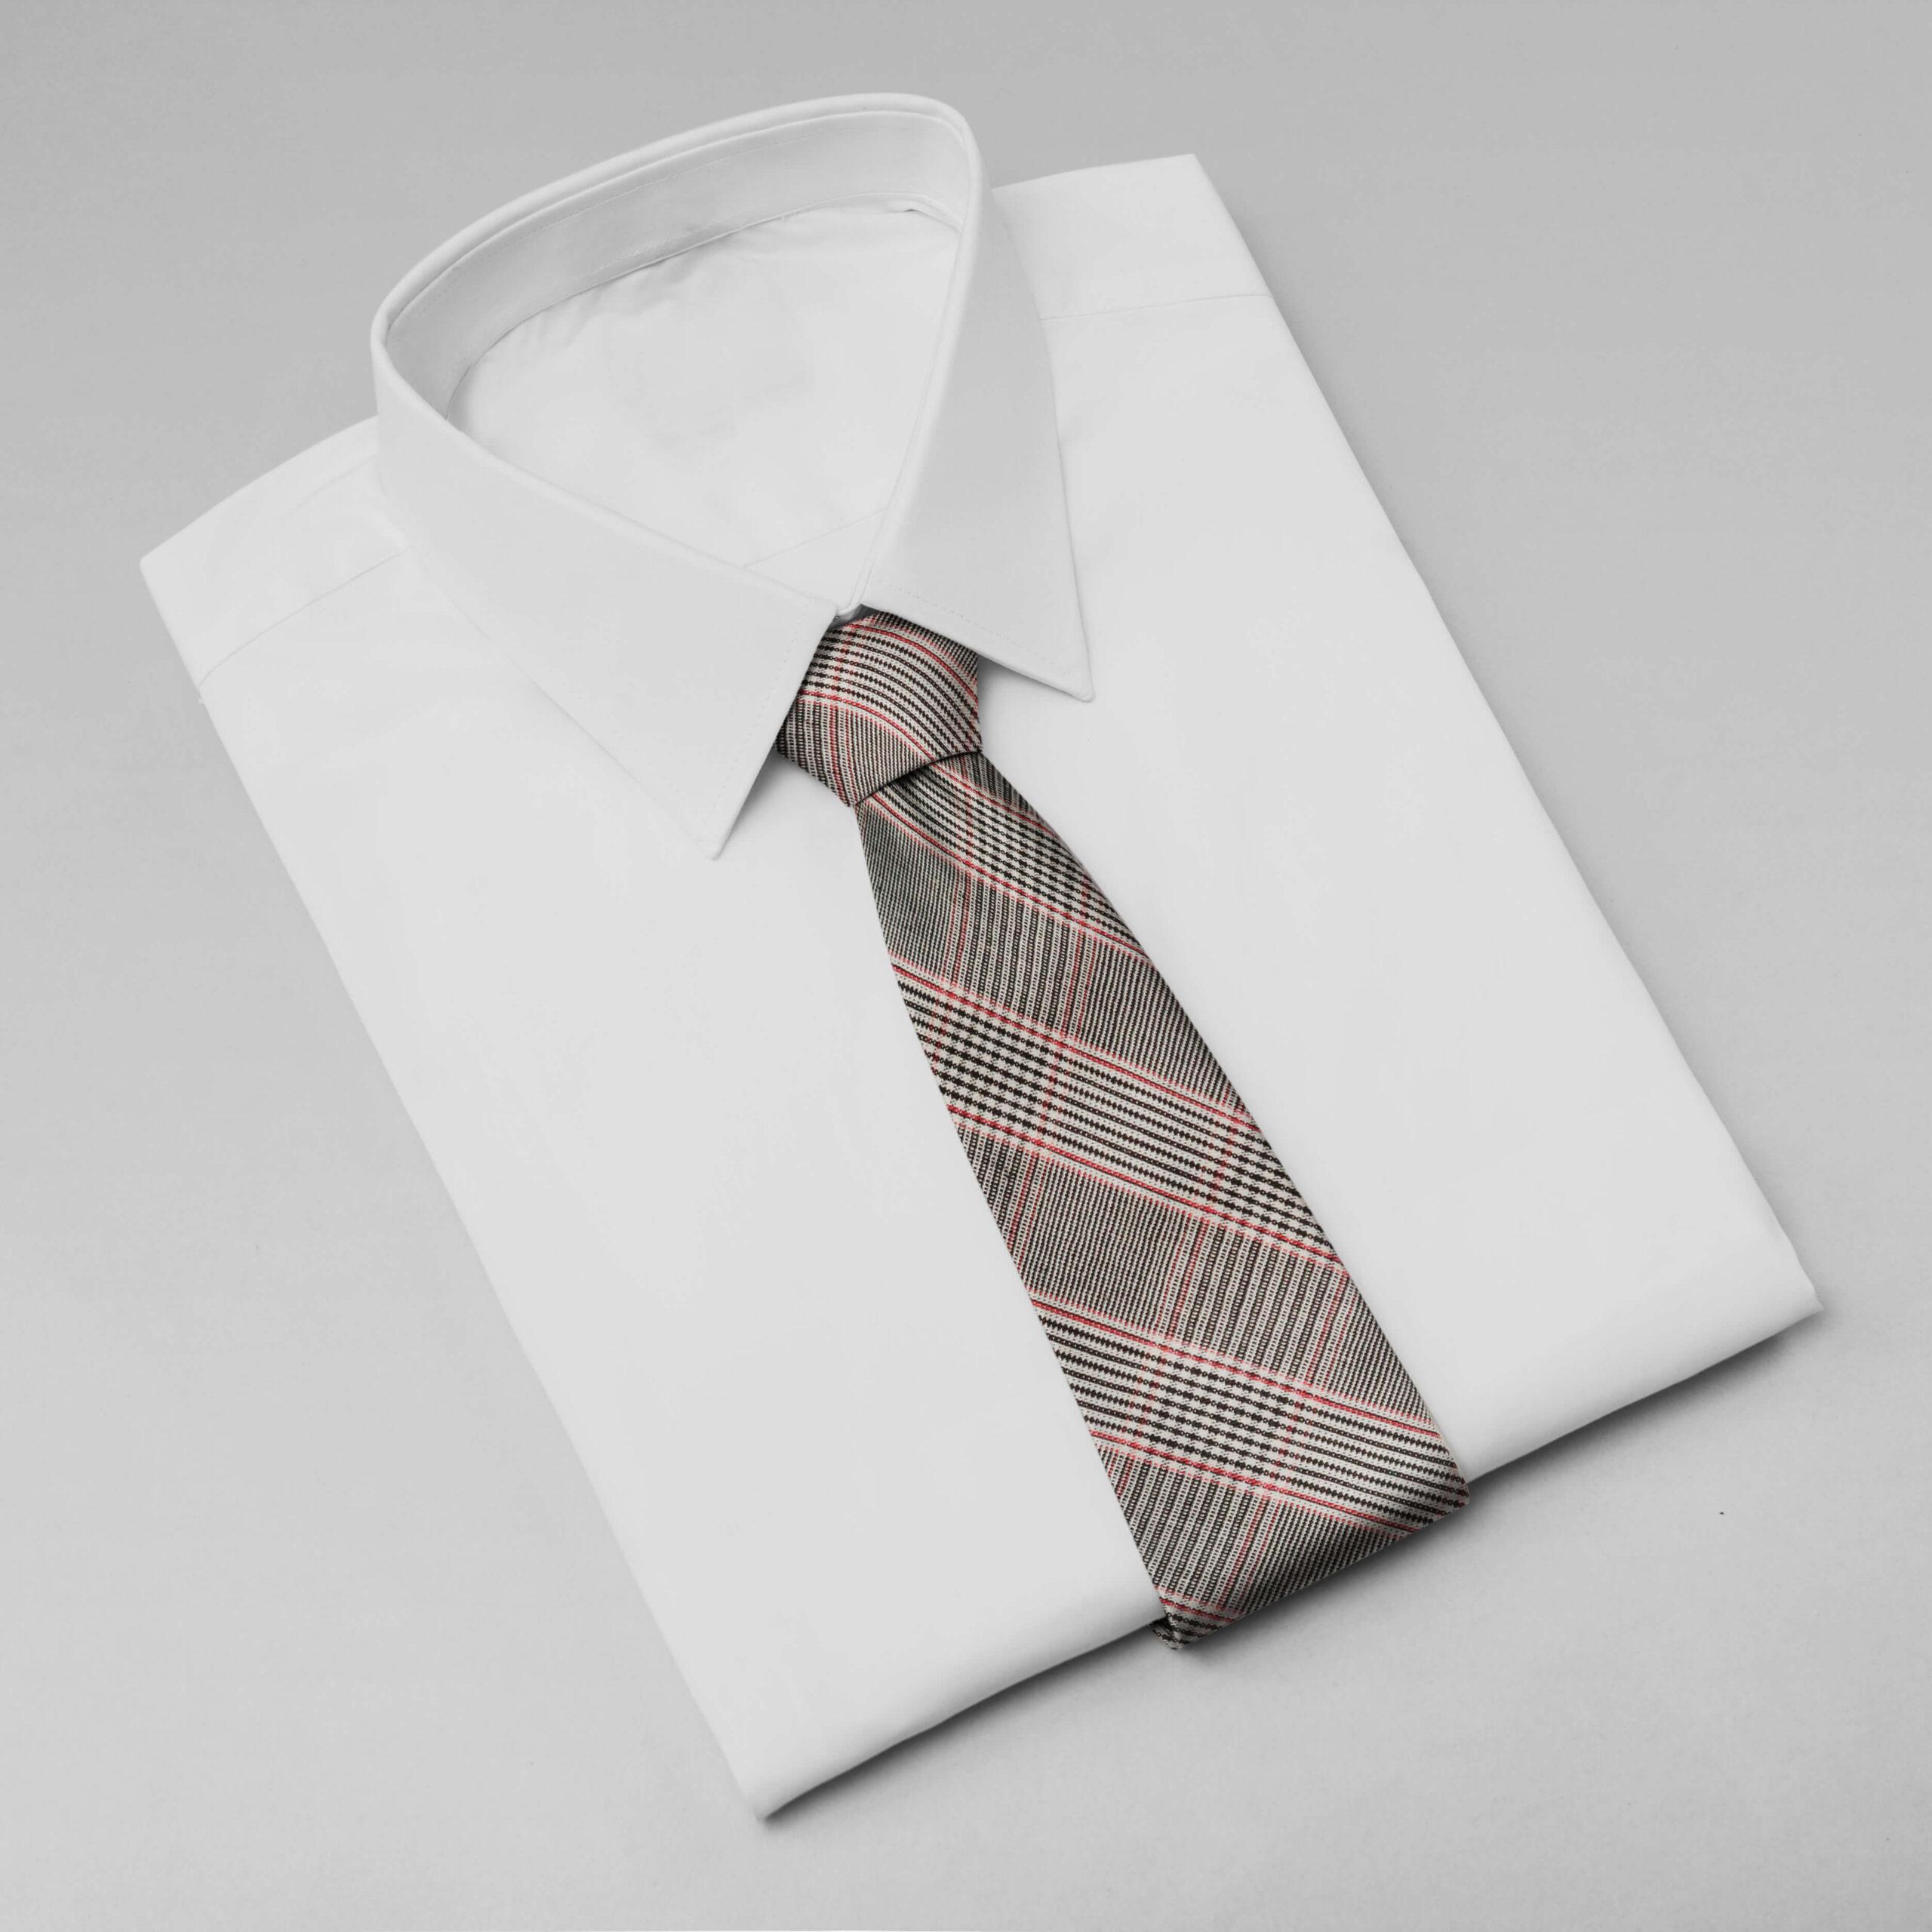 Mẫu cà vạt nam Hàn Quốc được ưa chuộng